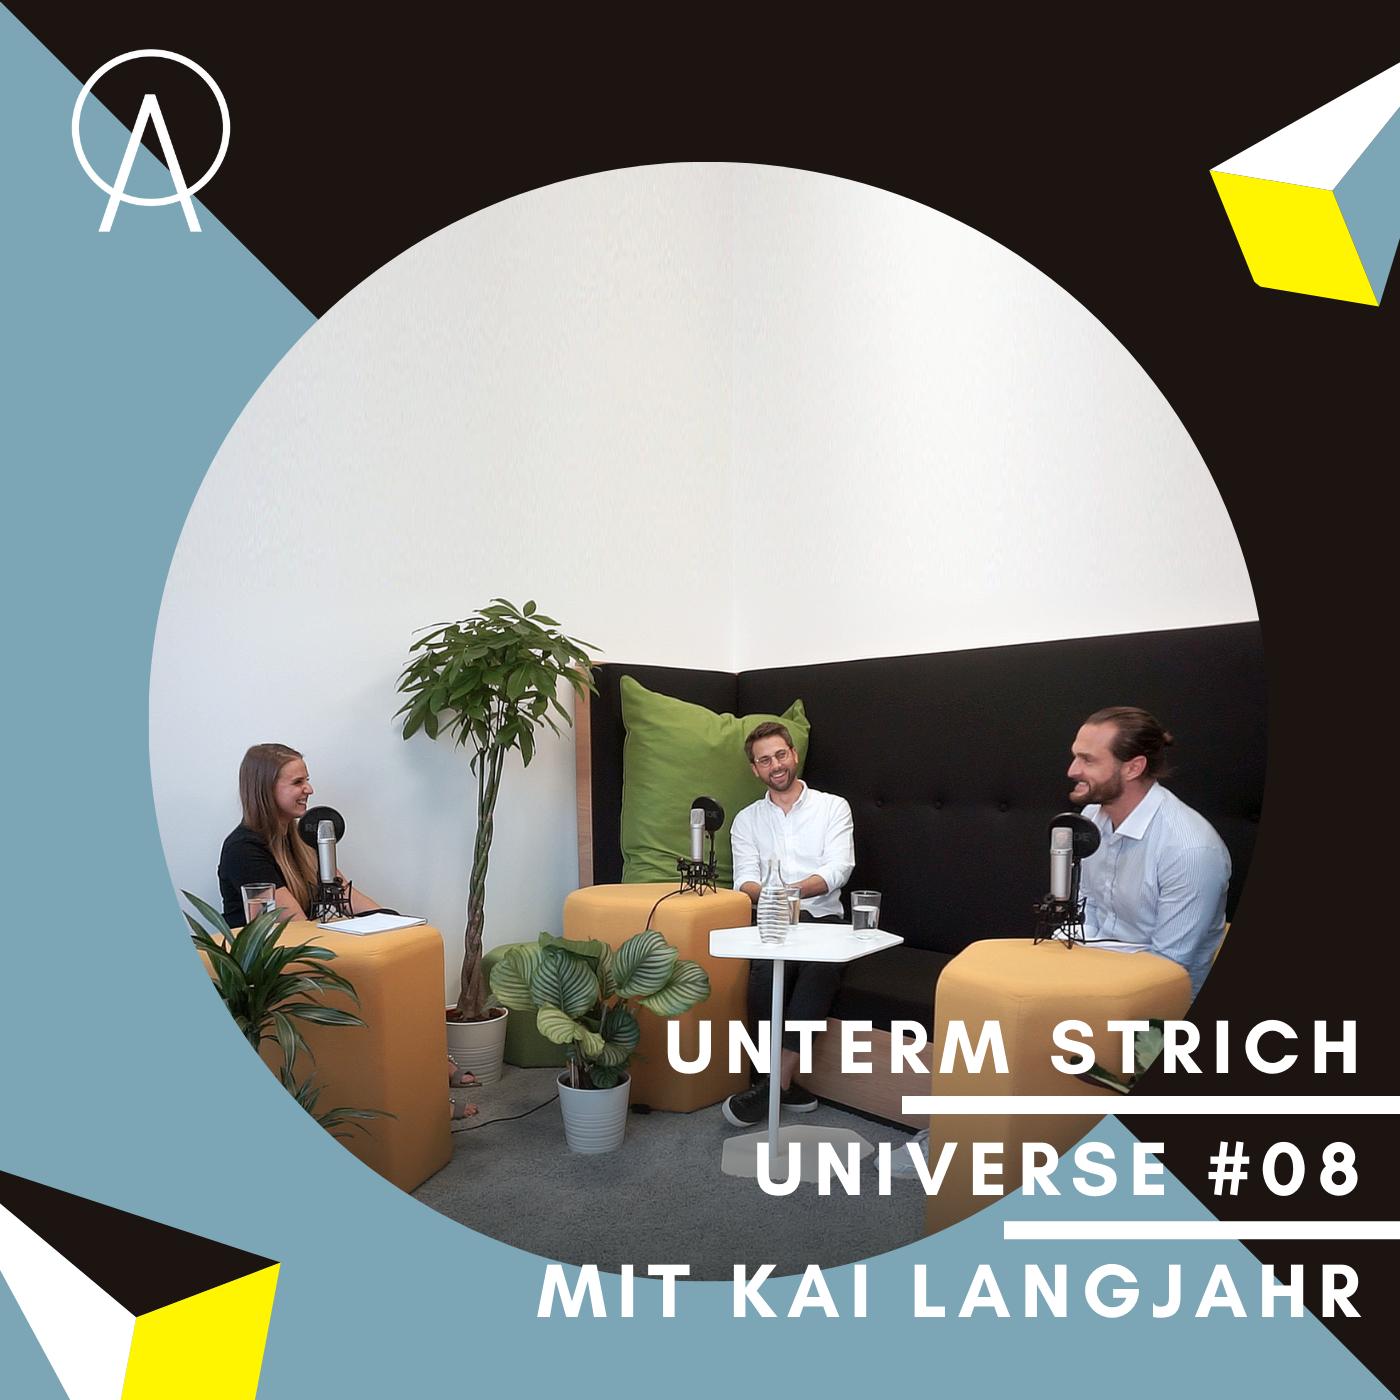 Unterm Strich: Achtzig20 Universe #08 – Das Stuttgarter A-Team mit Kai Langjahr